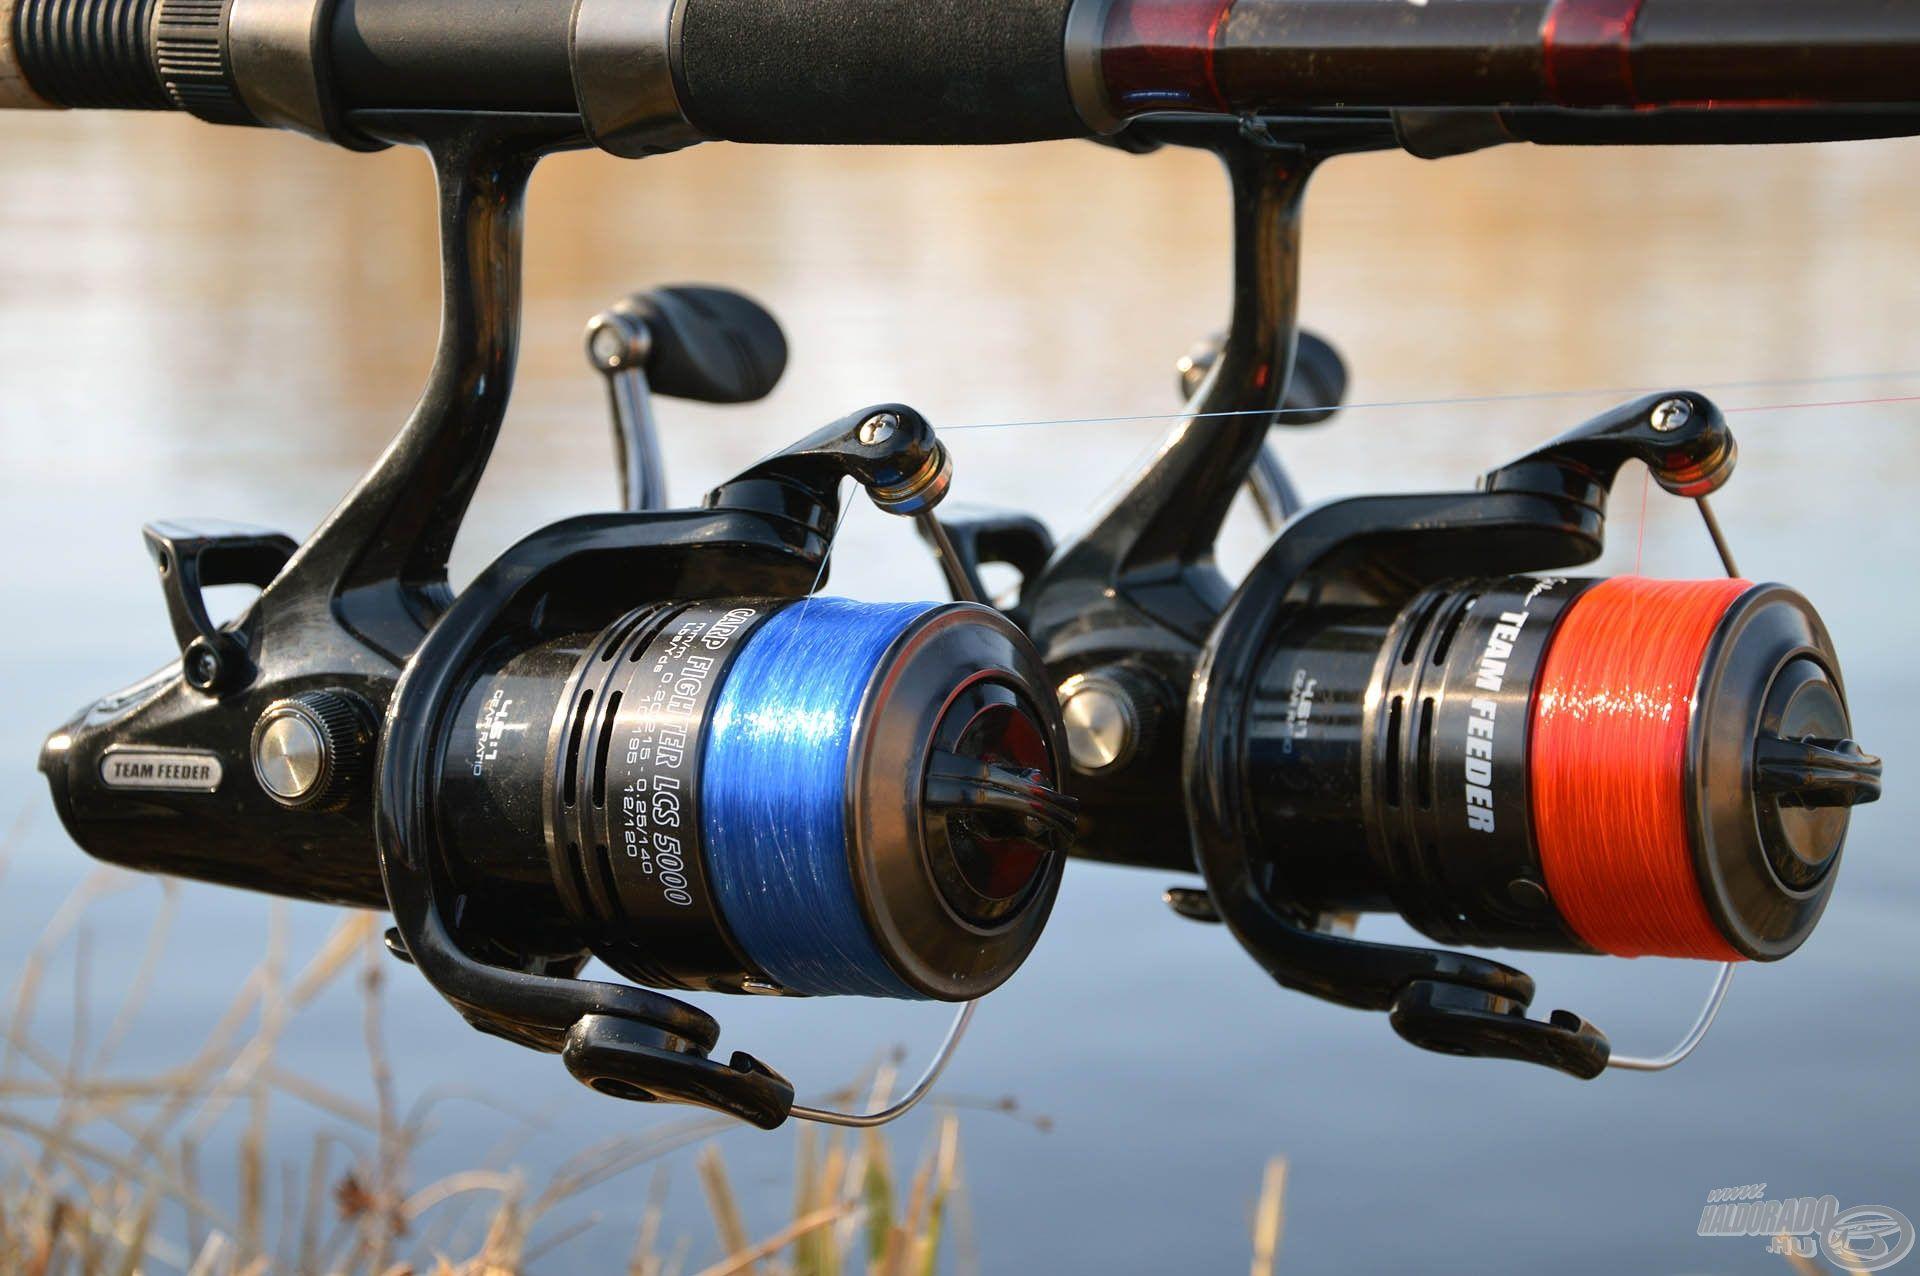 Kezdő horgászok számára hasznos, ha fárasztás közben a zsinórt látva tudják, hogy merre is jár a hal. Ehhez ezek a zsinórok tökéletesek!